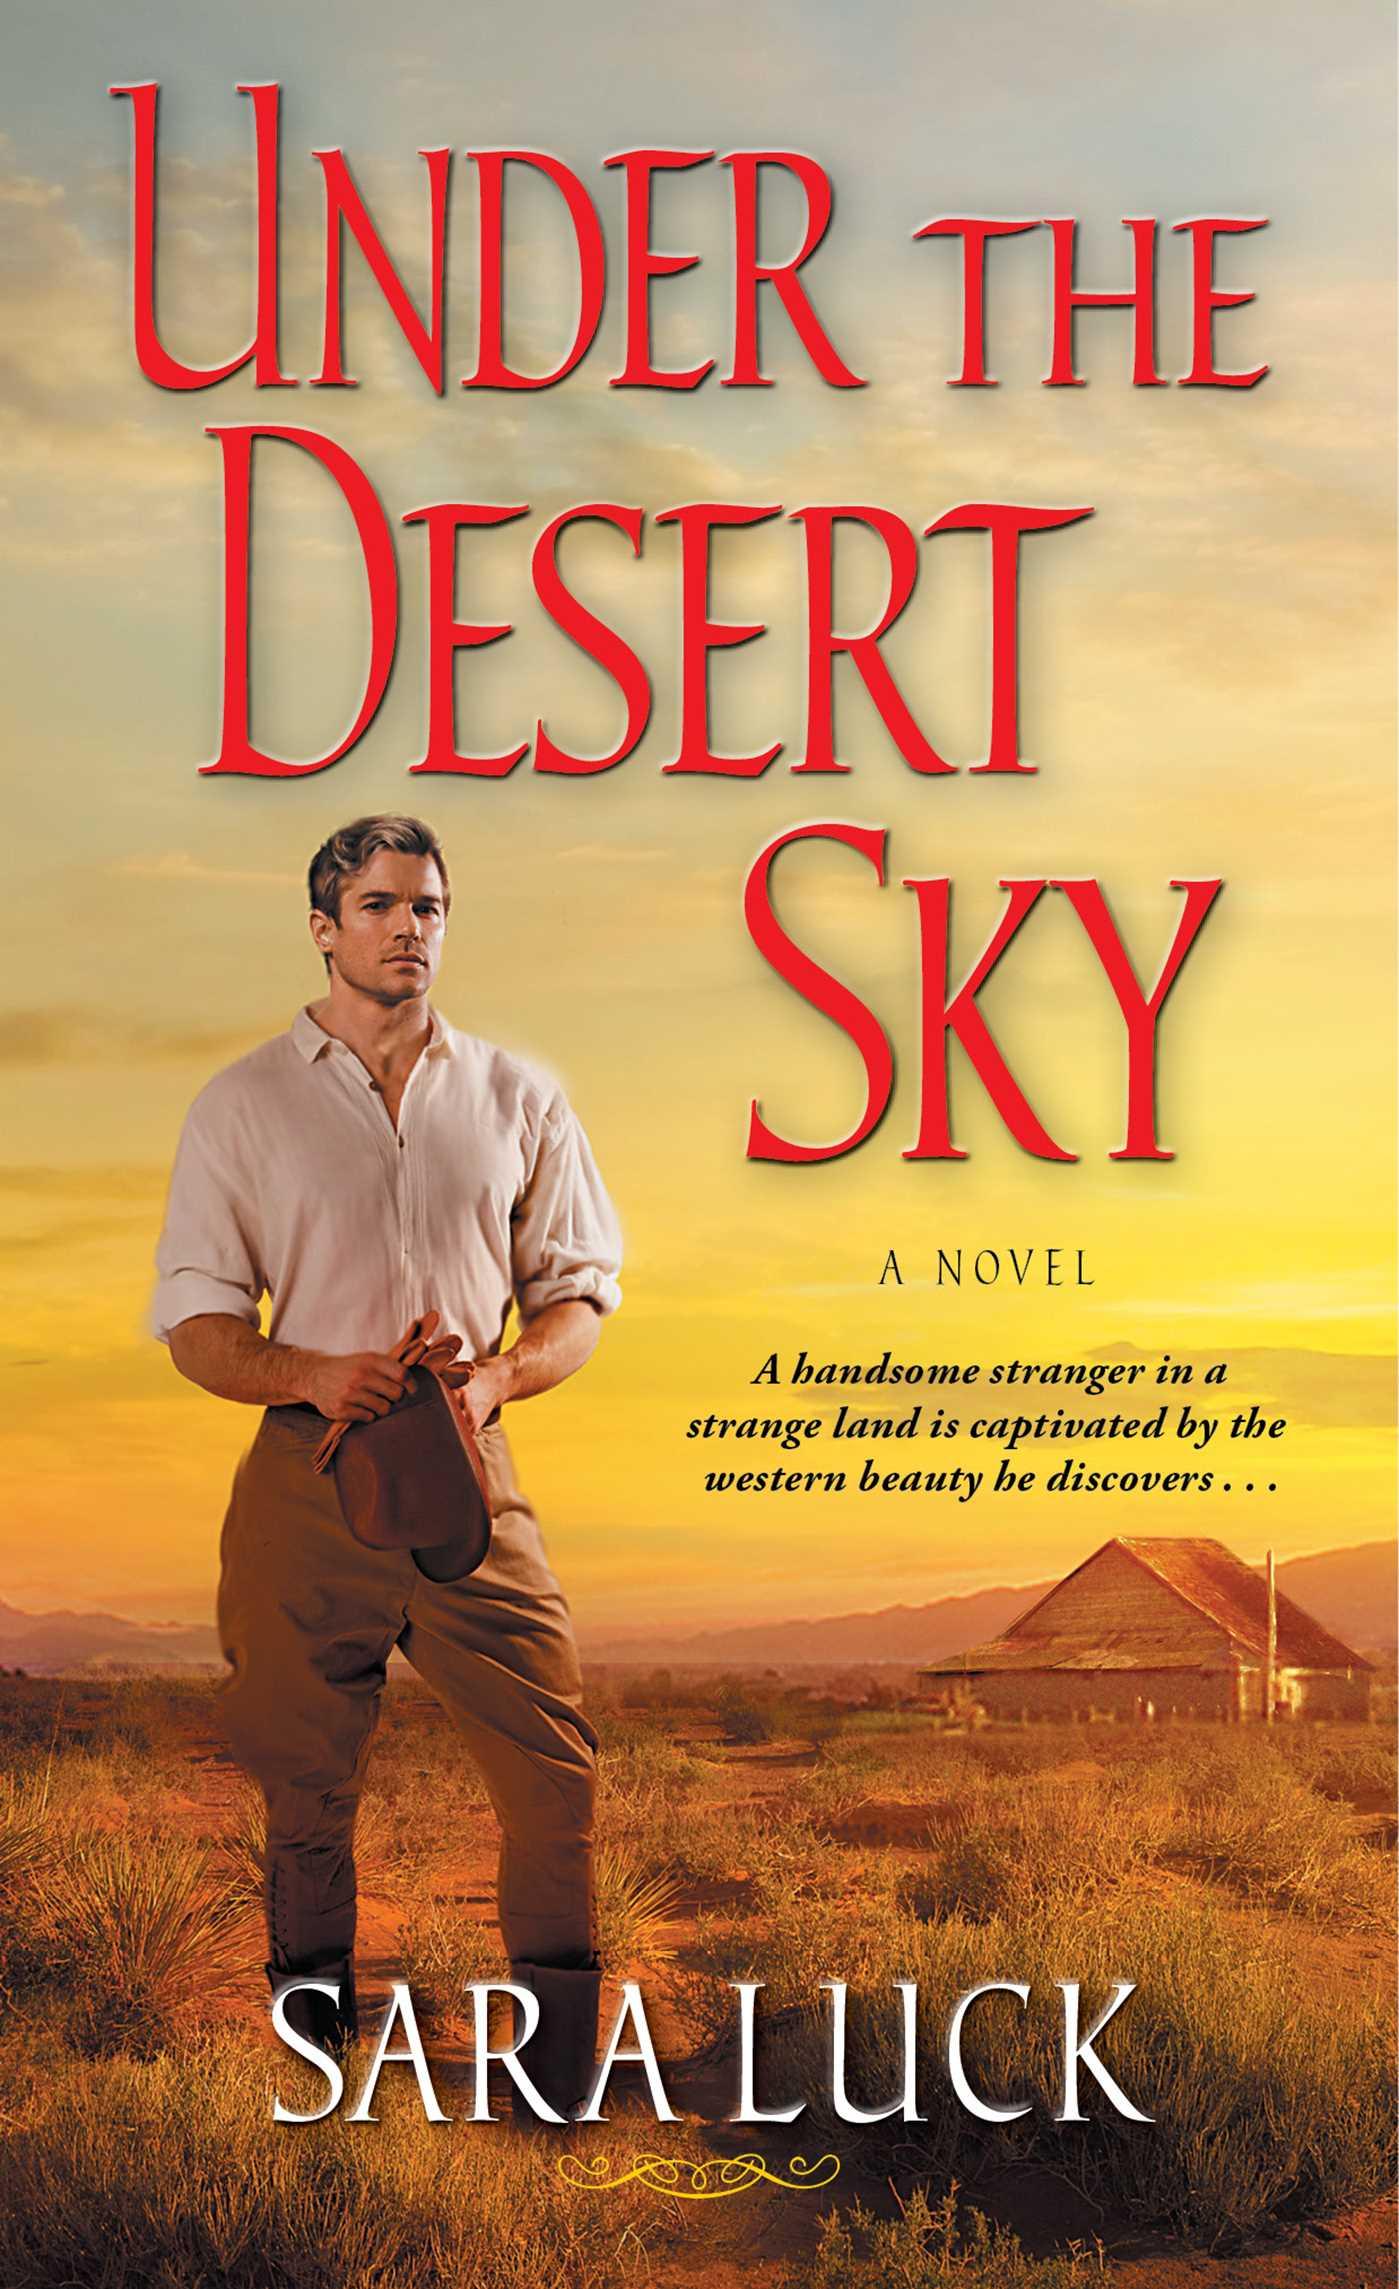 Under the desert sky 9781501103551 hr